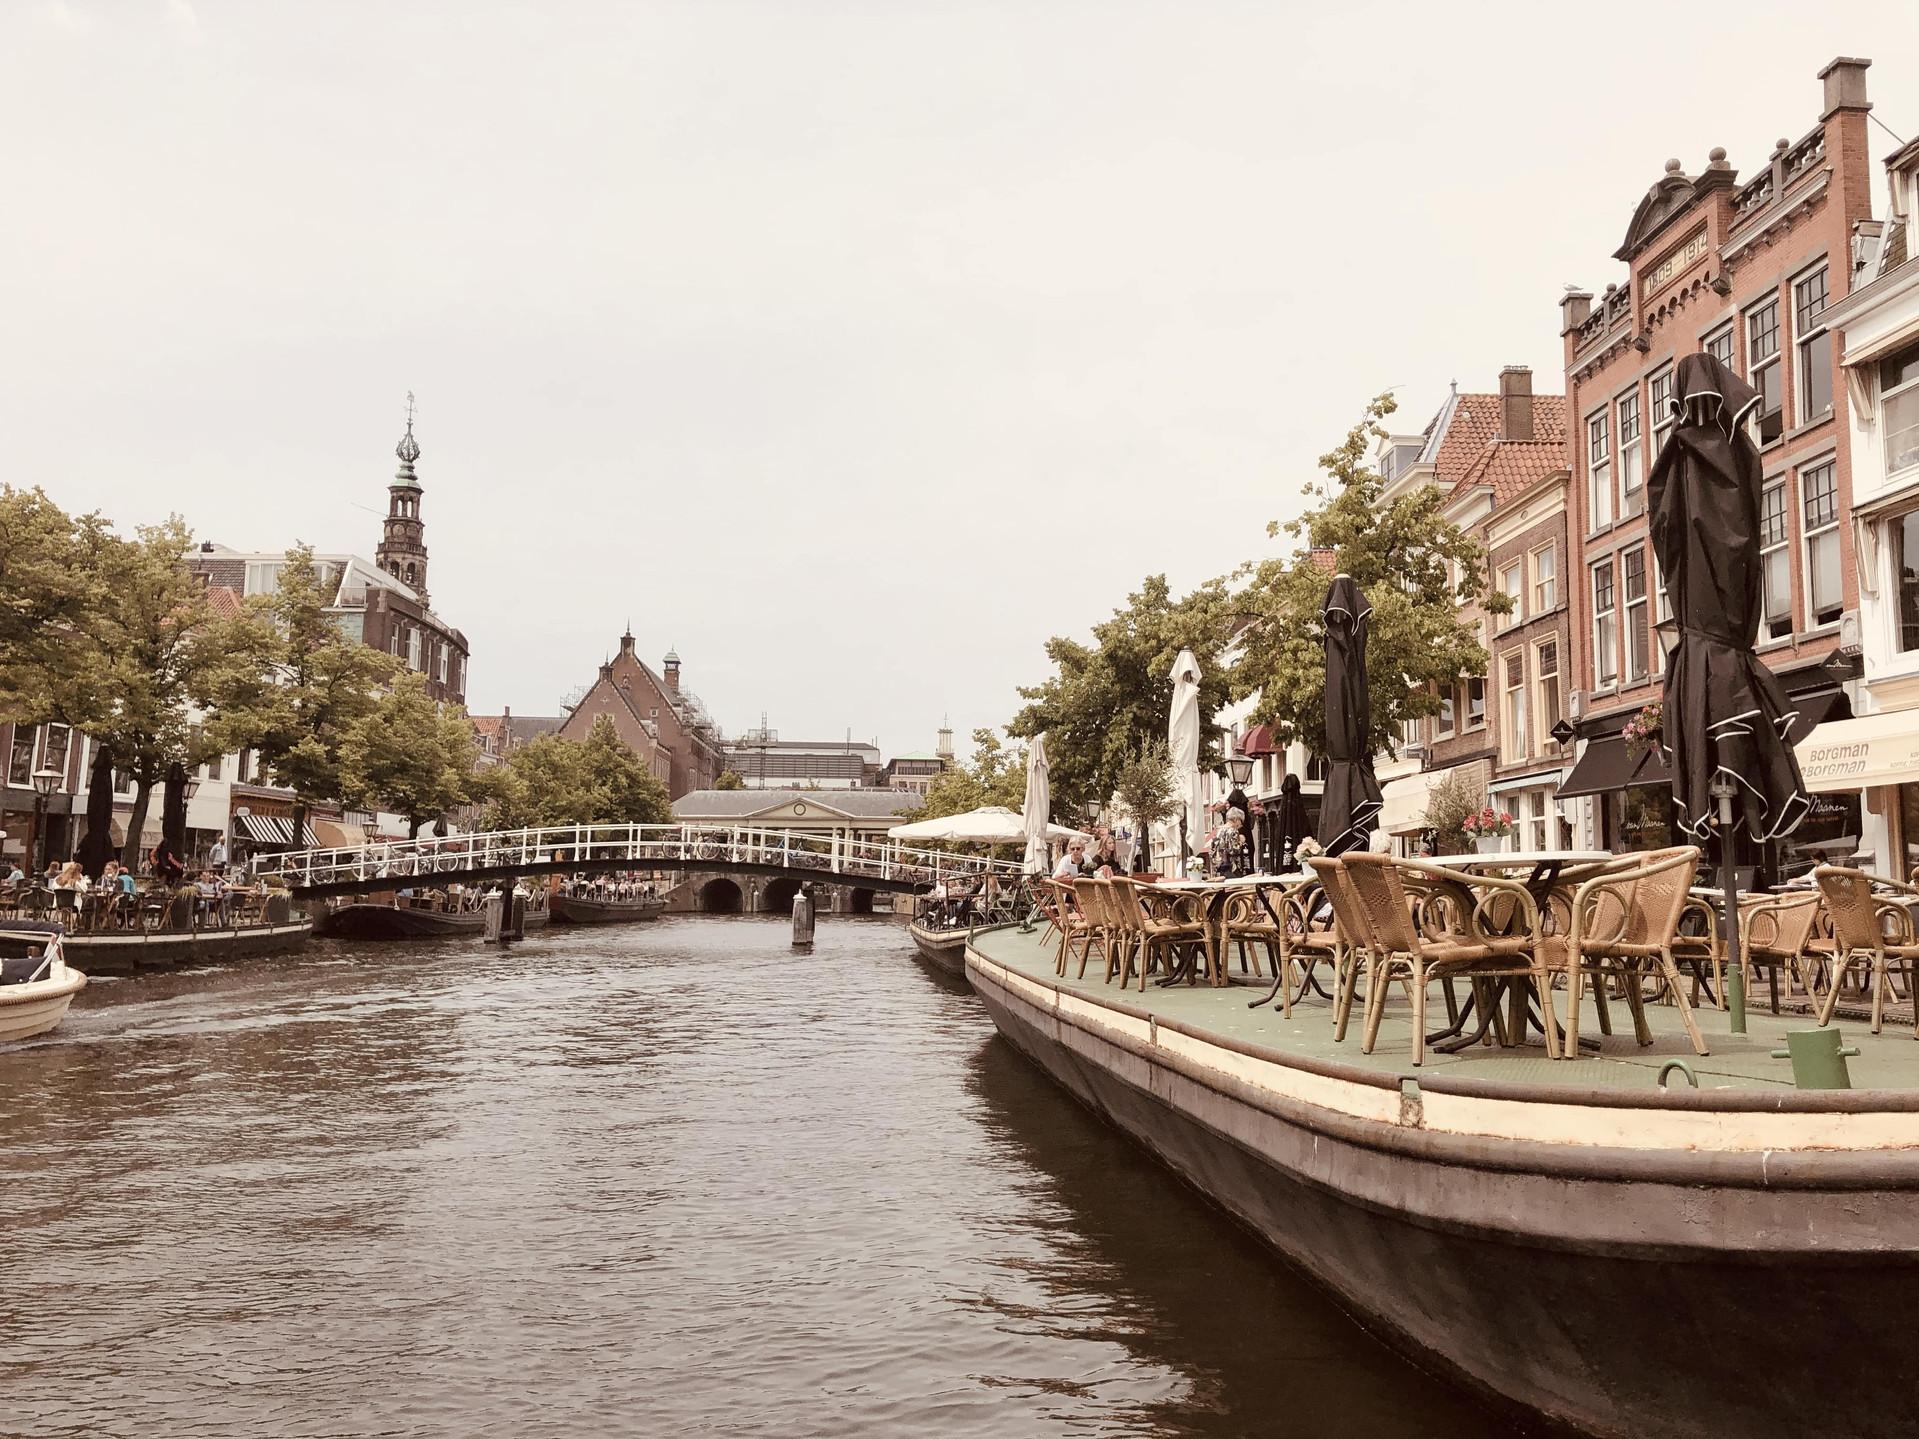 Leiden canals Netherlands